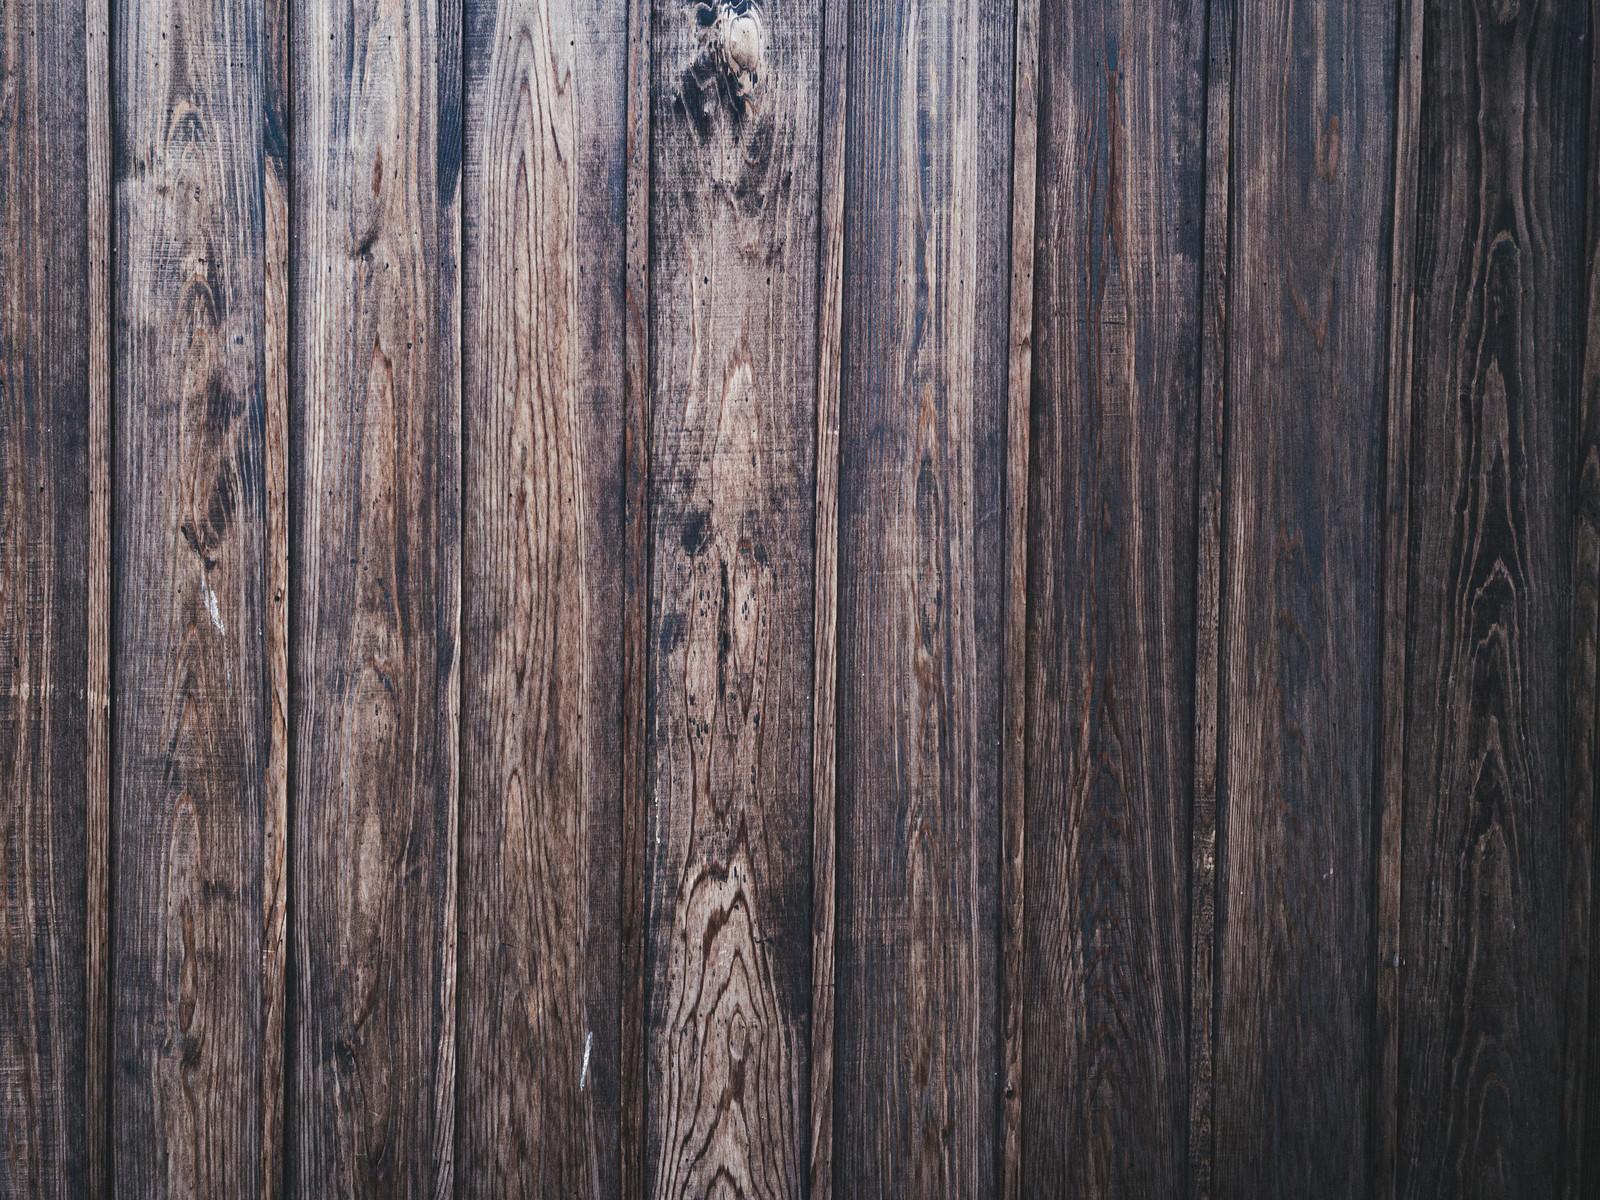 「古い木目調の板壁(テクスチャ)」の写真